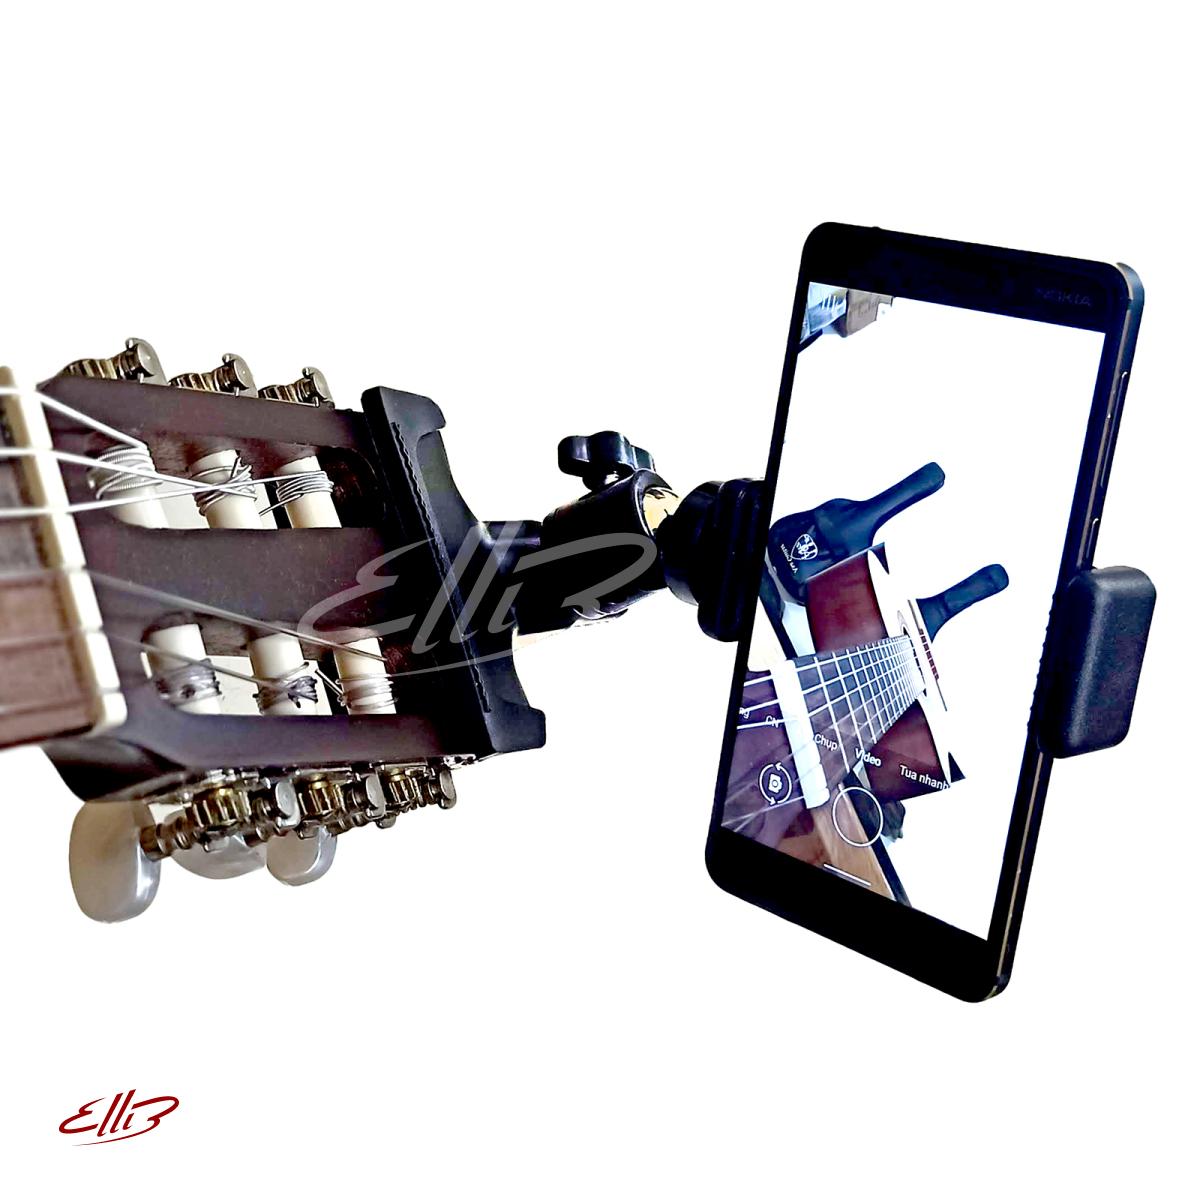 Giá kẹp điện thoại cho đàn Guitar (Kẹp đầu đàn guitar)